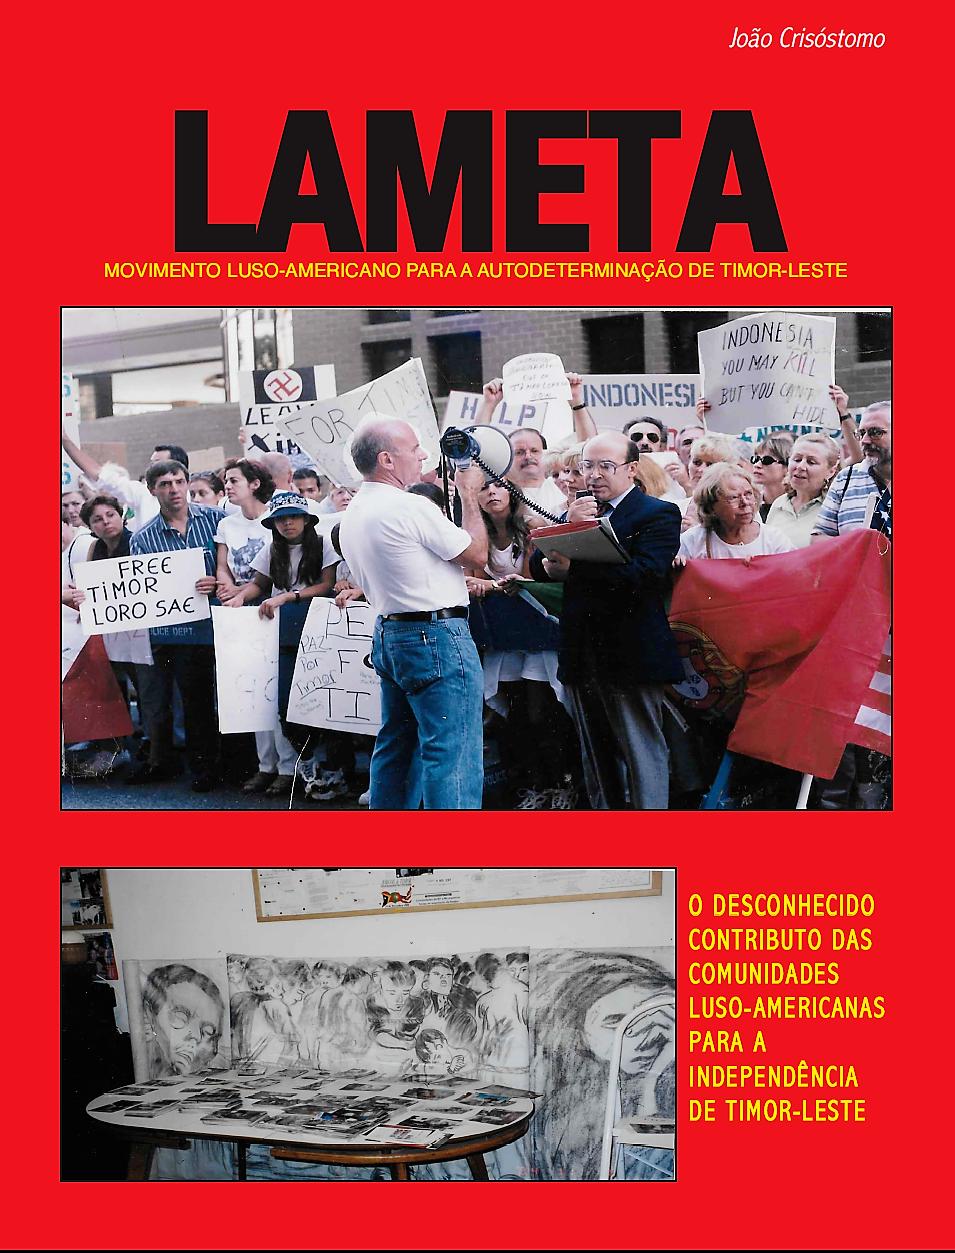 Extratos do livro de João Crisóstomo - LAMETA - Movimento Luso-Americano  para a Autodeterminação de Timor-Leste 83270d95f4b